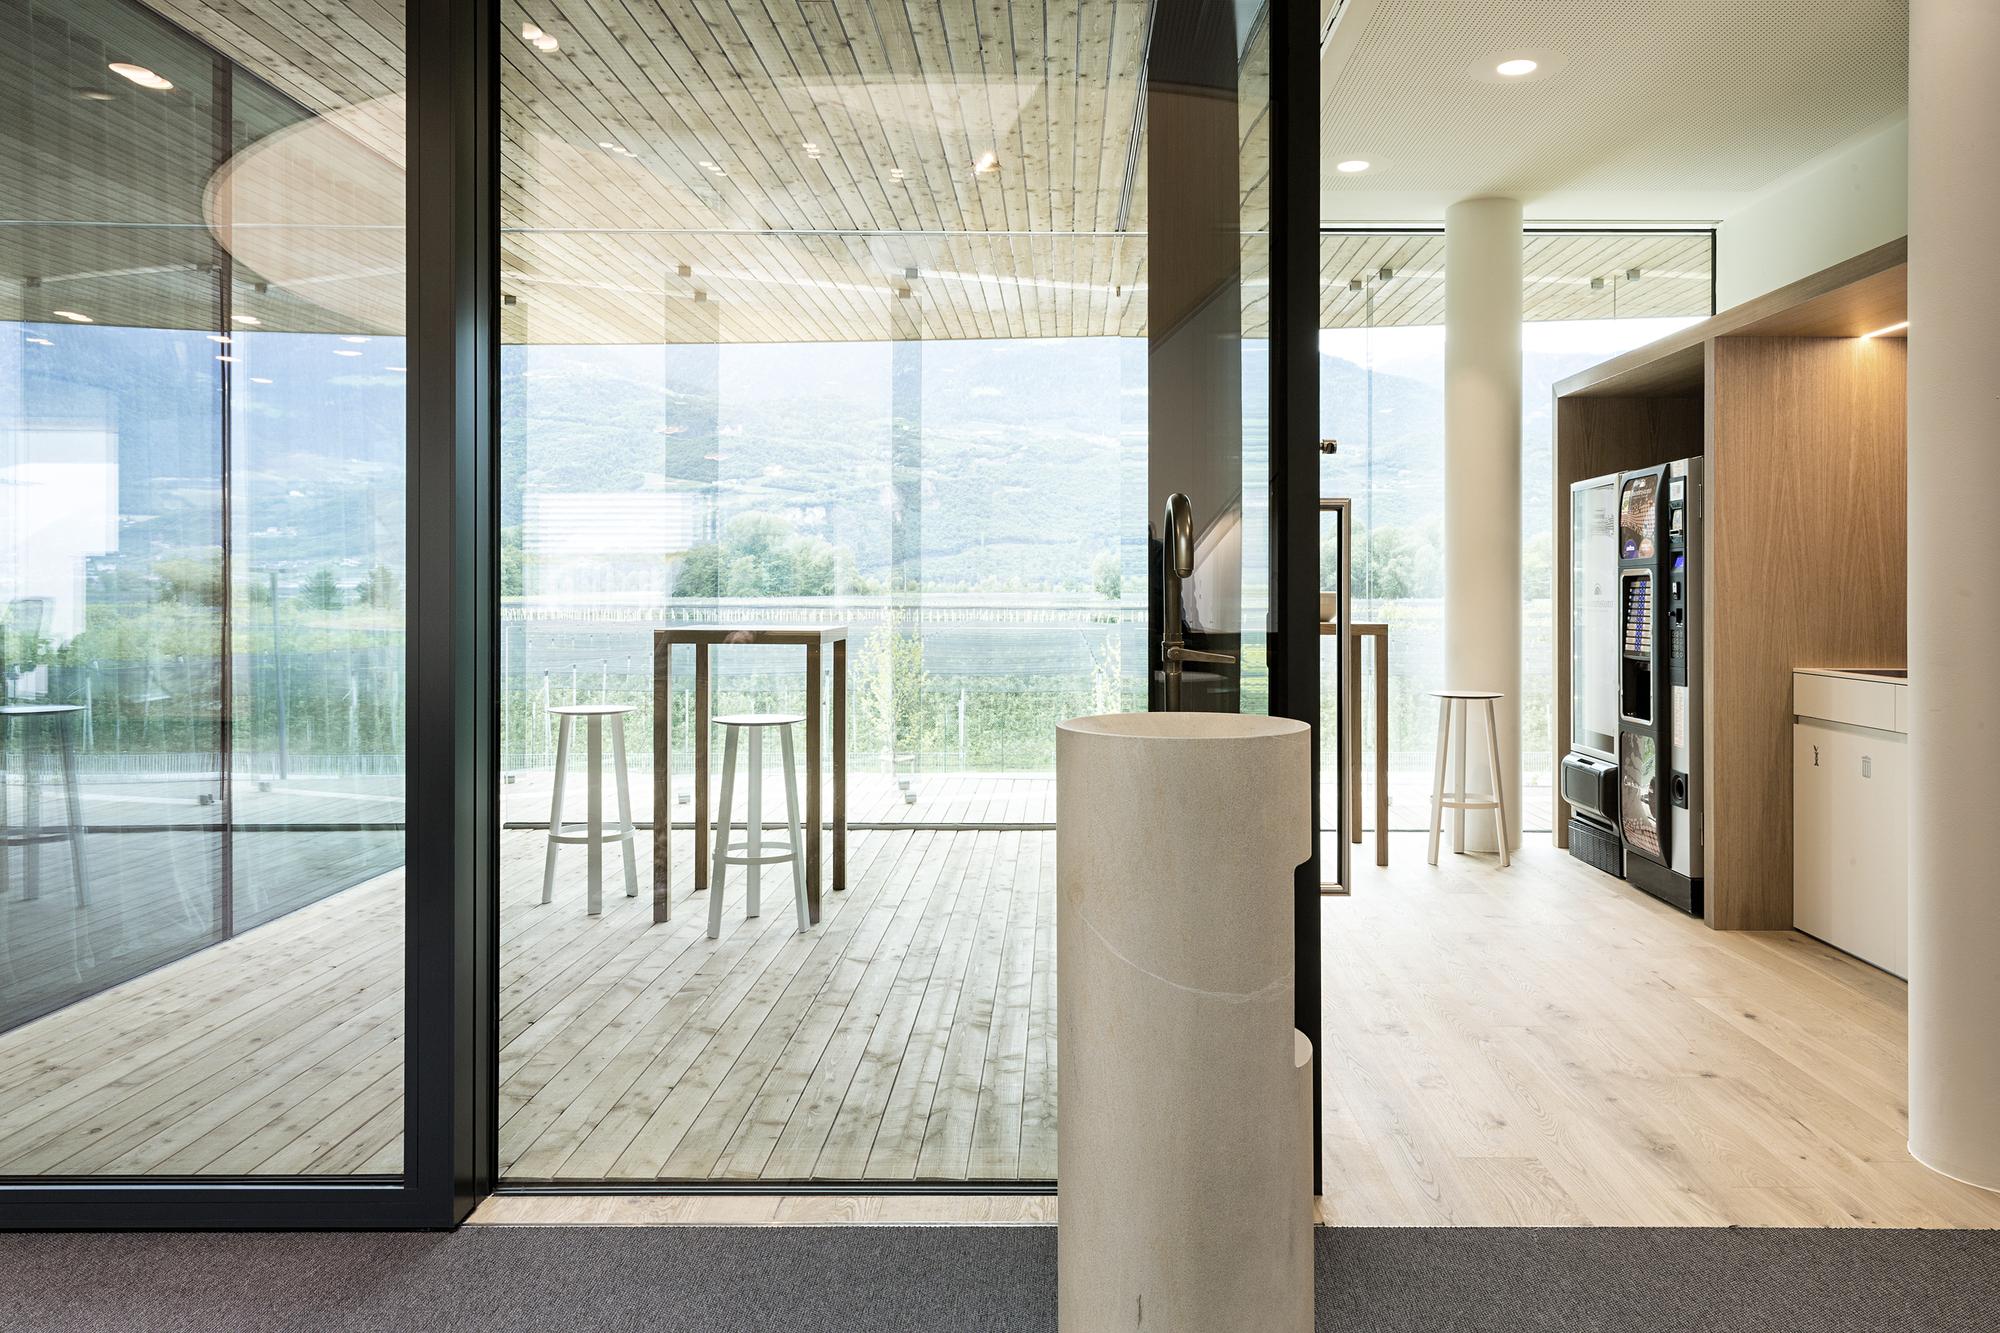 Galer a de oficinas centrales de schaer monovolume for Hotusa oficinas centrales